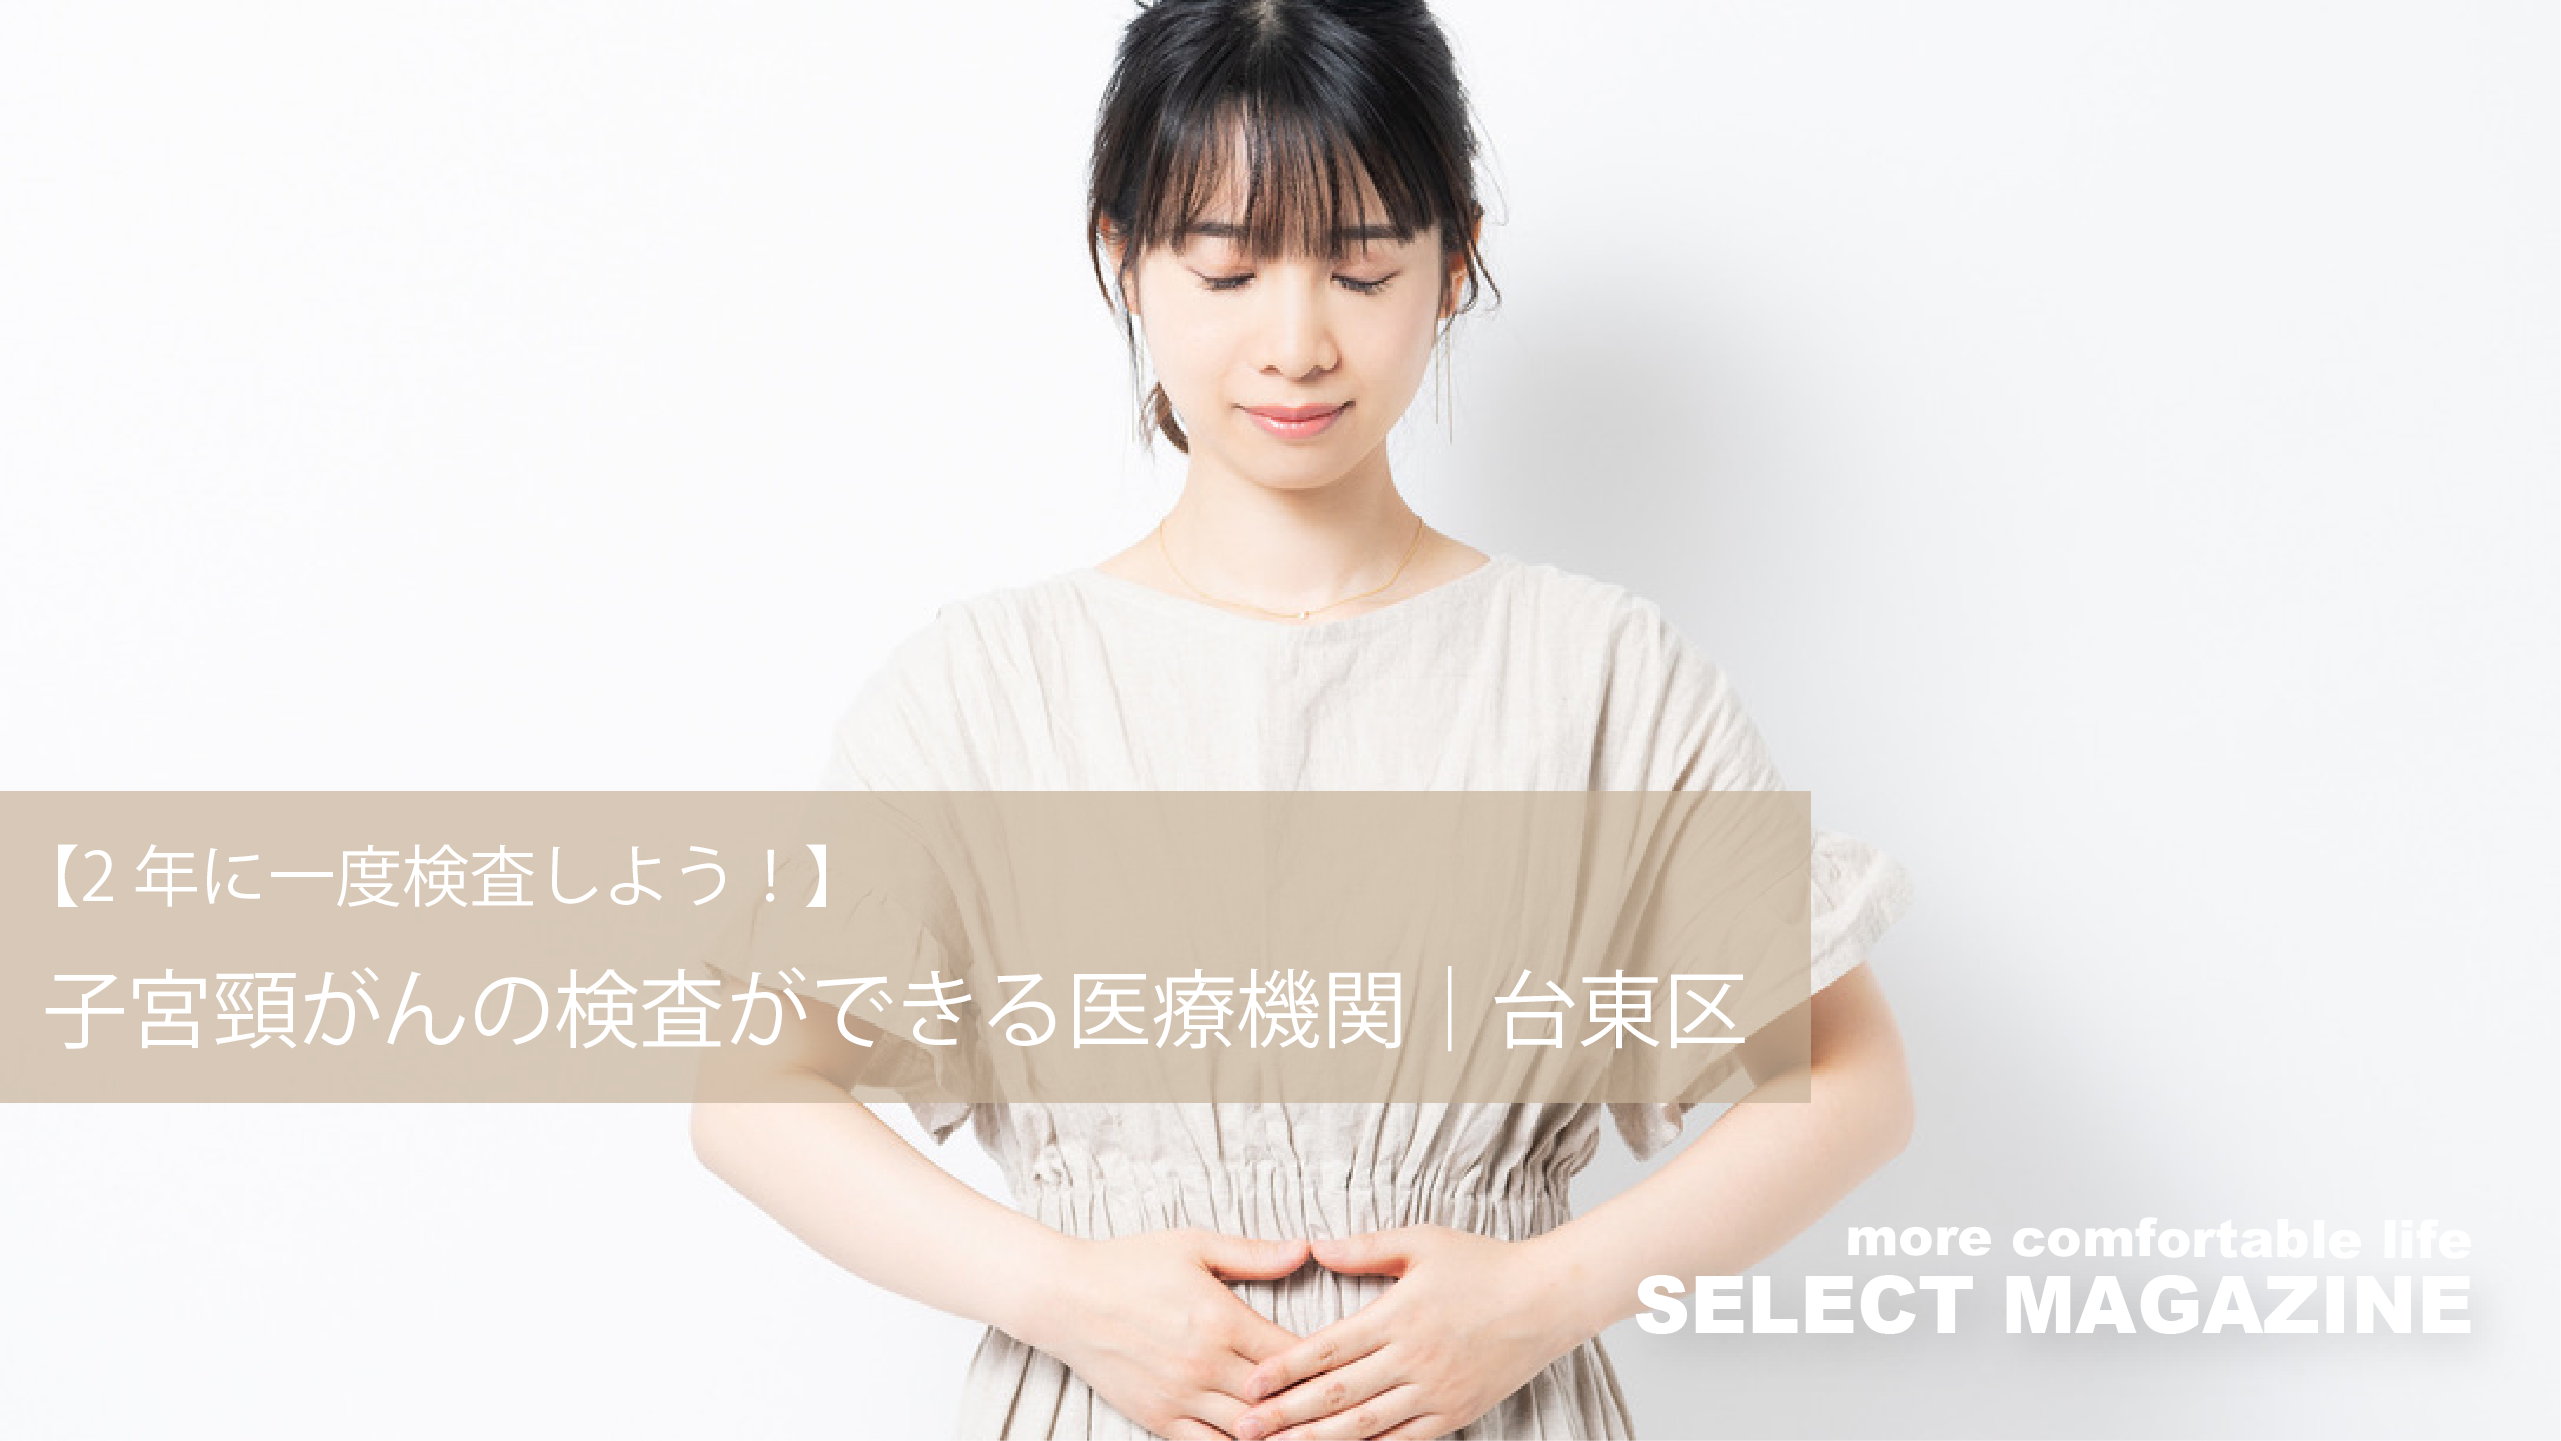 【2年に1度検査しよう!】子宮頸がんの検査ができる医療機関|台東区